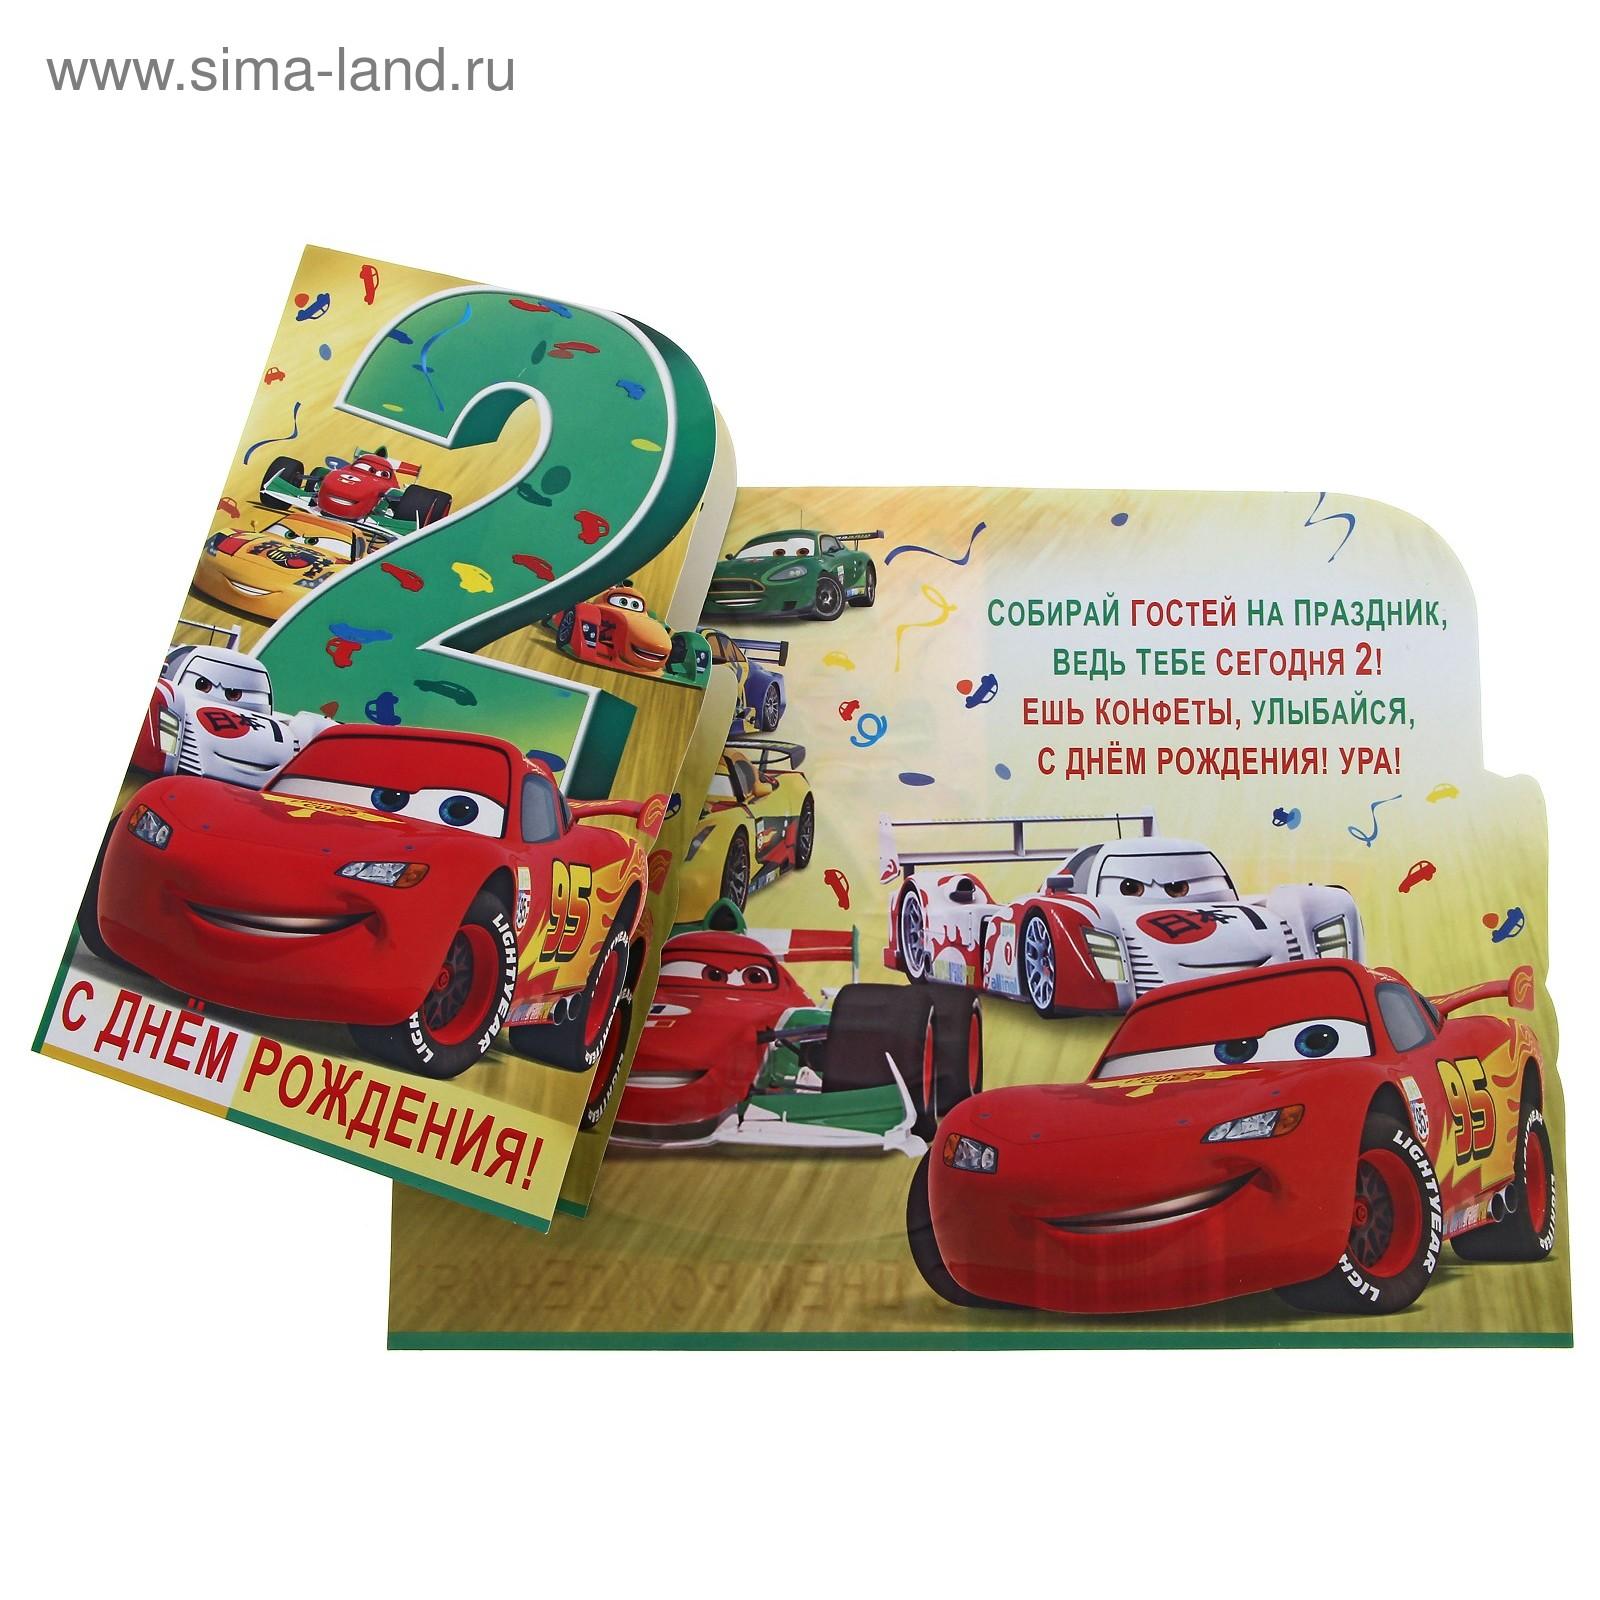 открытки на полтора годика